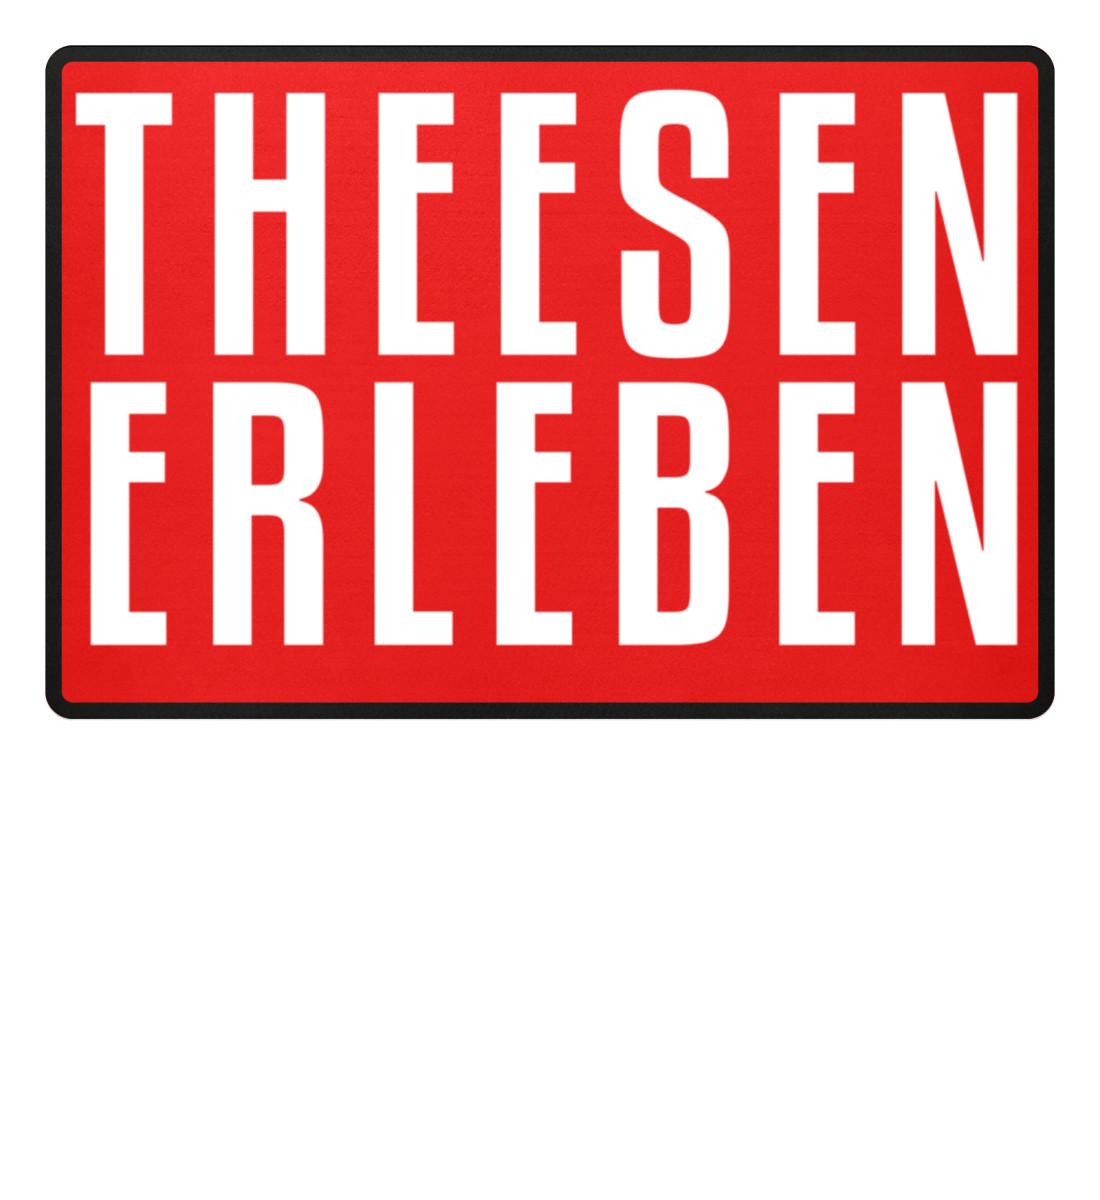 Theesen erleben - Fußmatte-5761